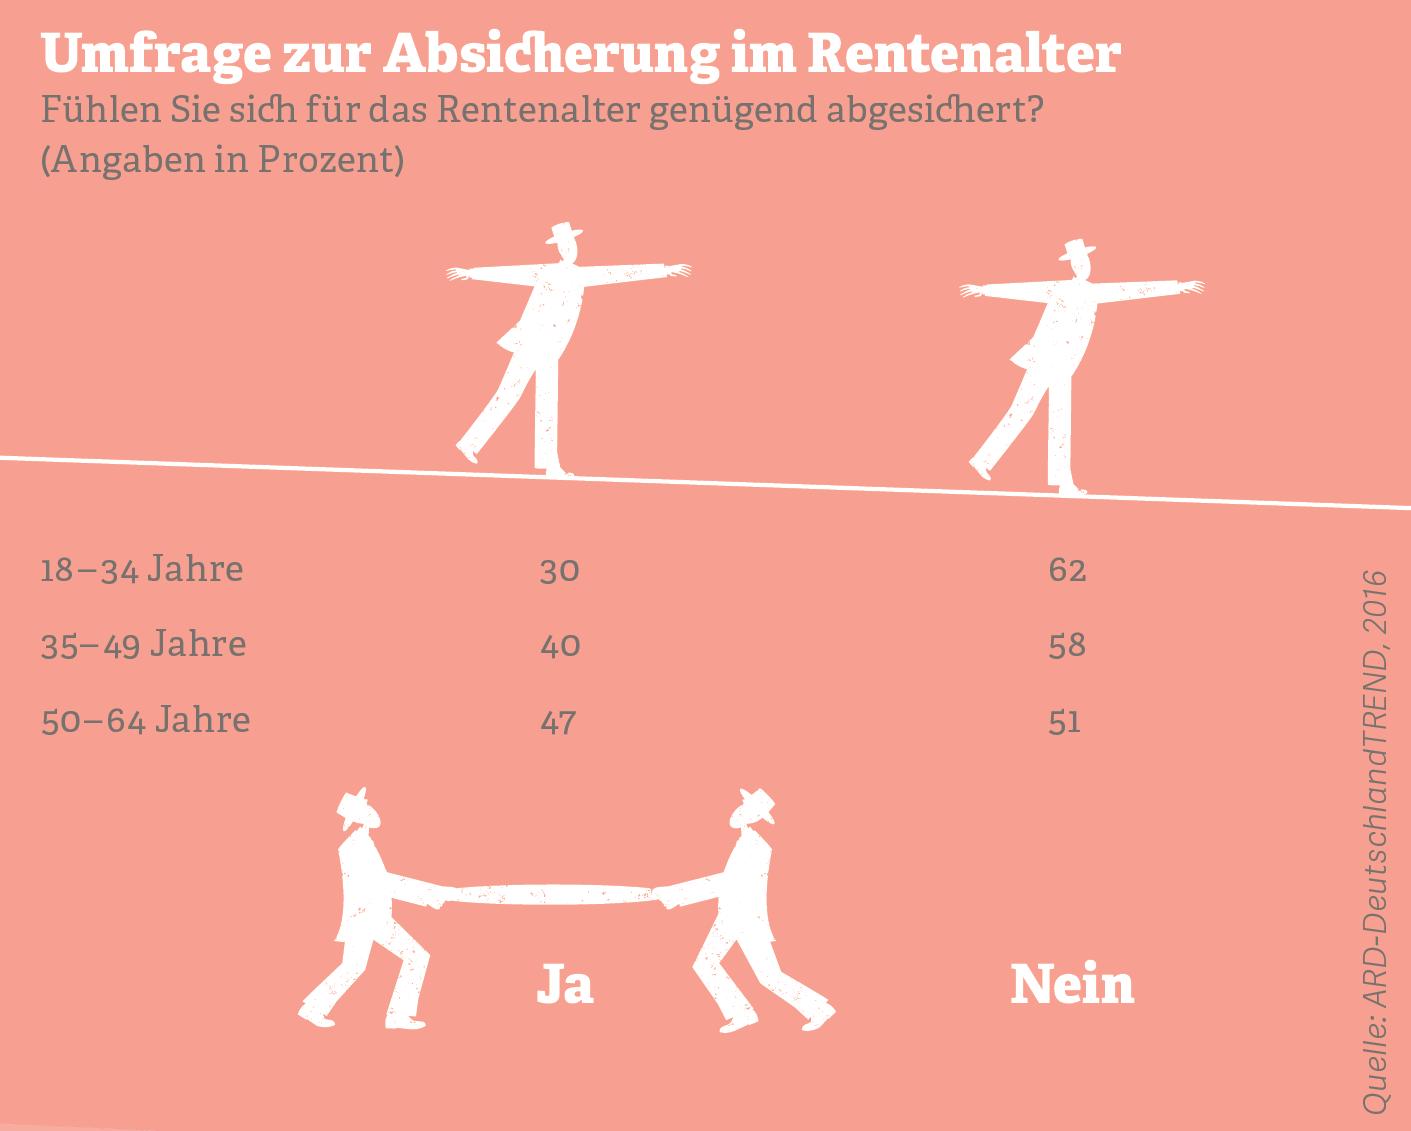 Grafik: Umfrage zur Absicherung im Rentenalter